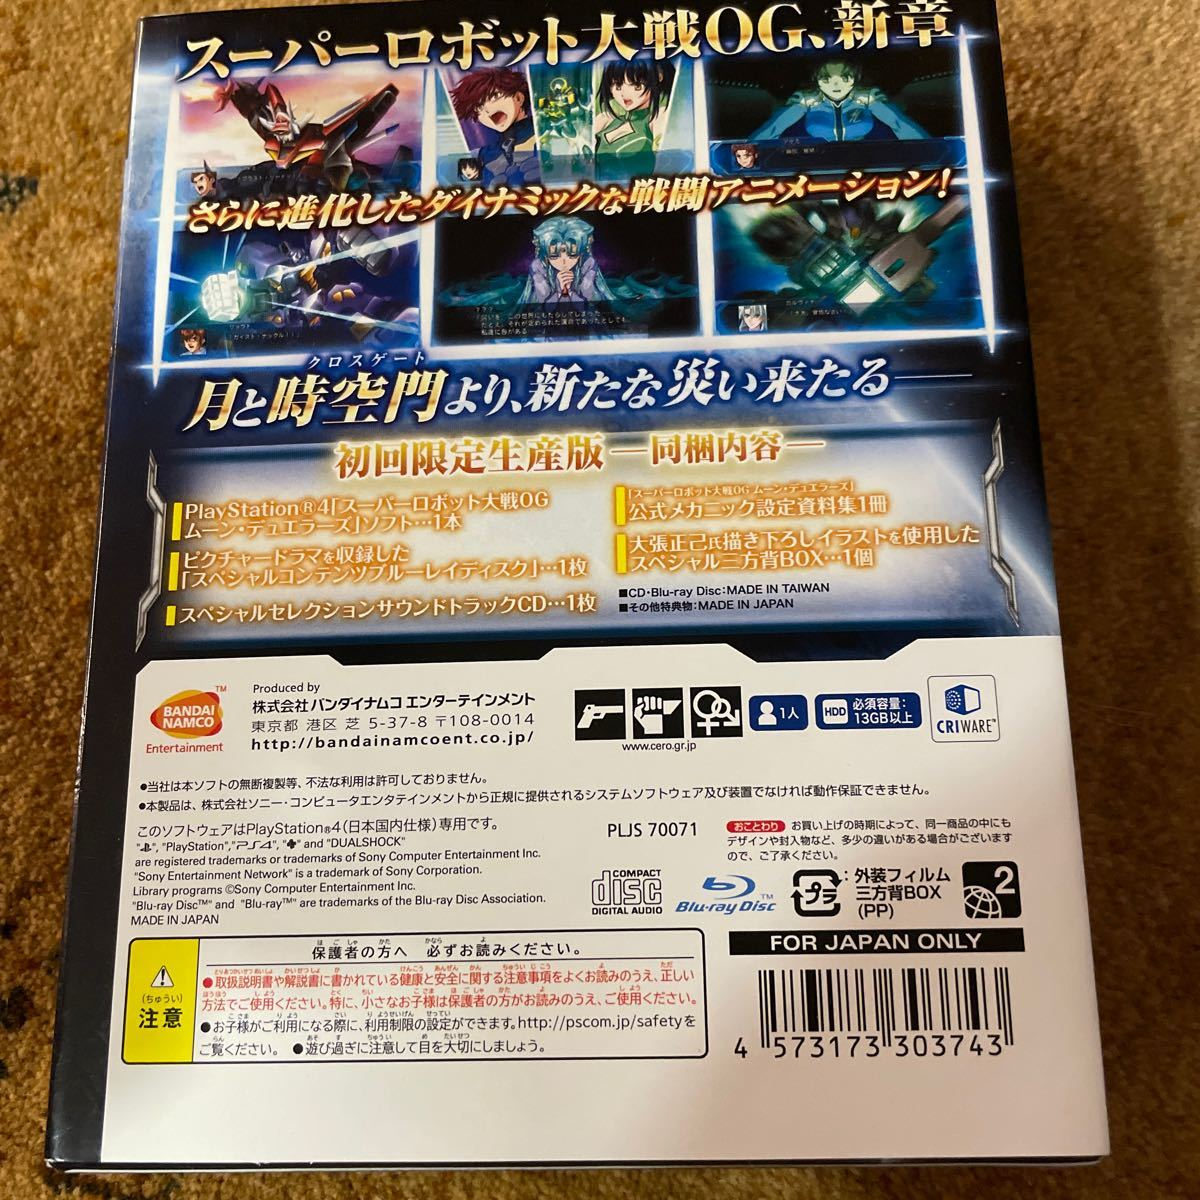 【PS4】 スーパーロボット大戦OG ムーン・デュエラーズ [初回限定生産版](ost未開封)